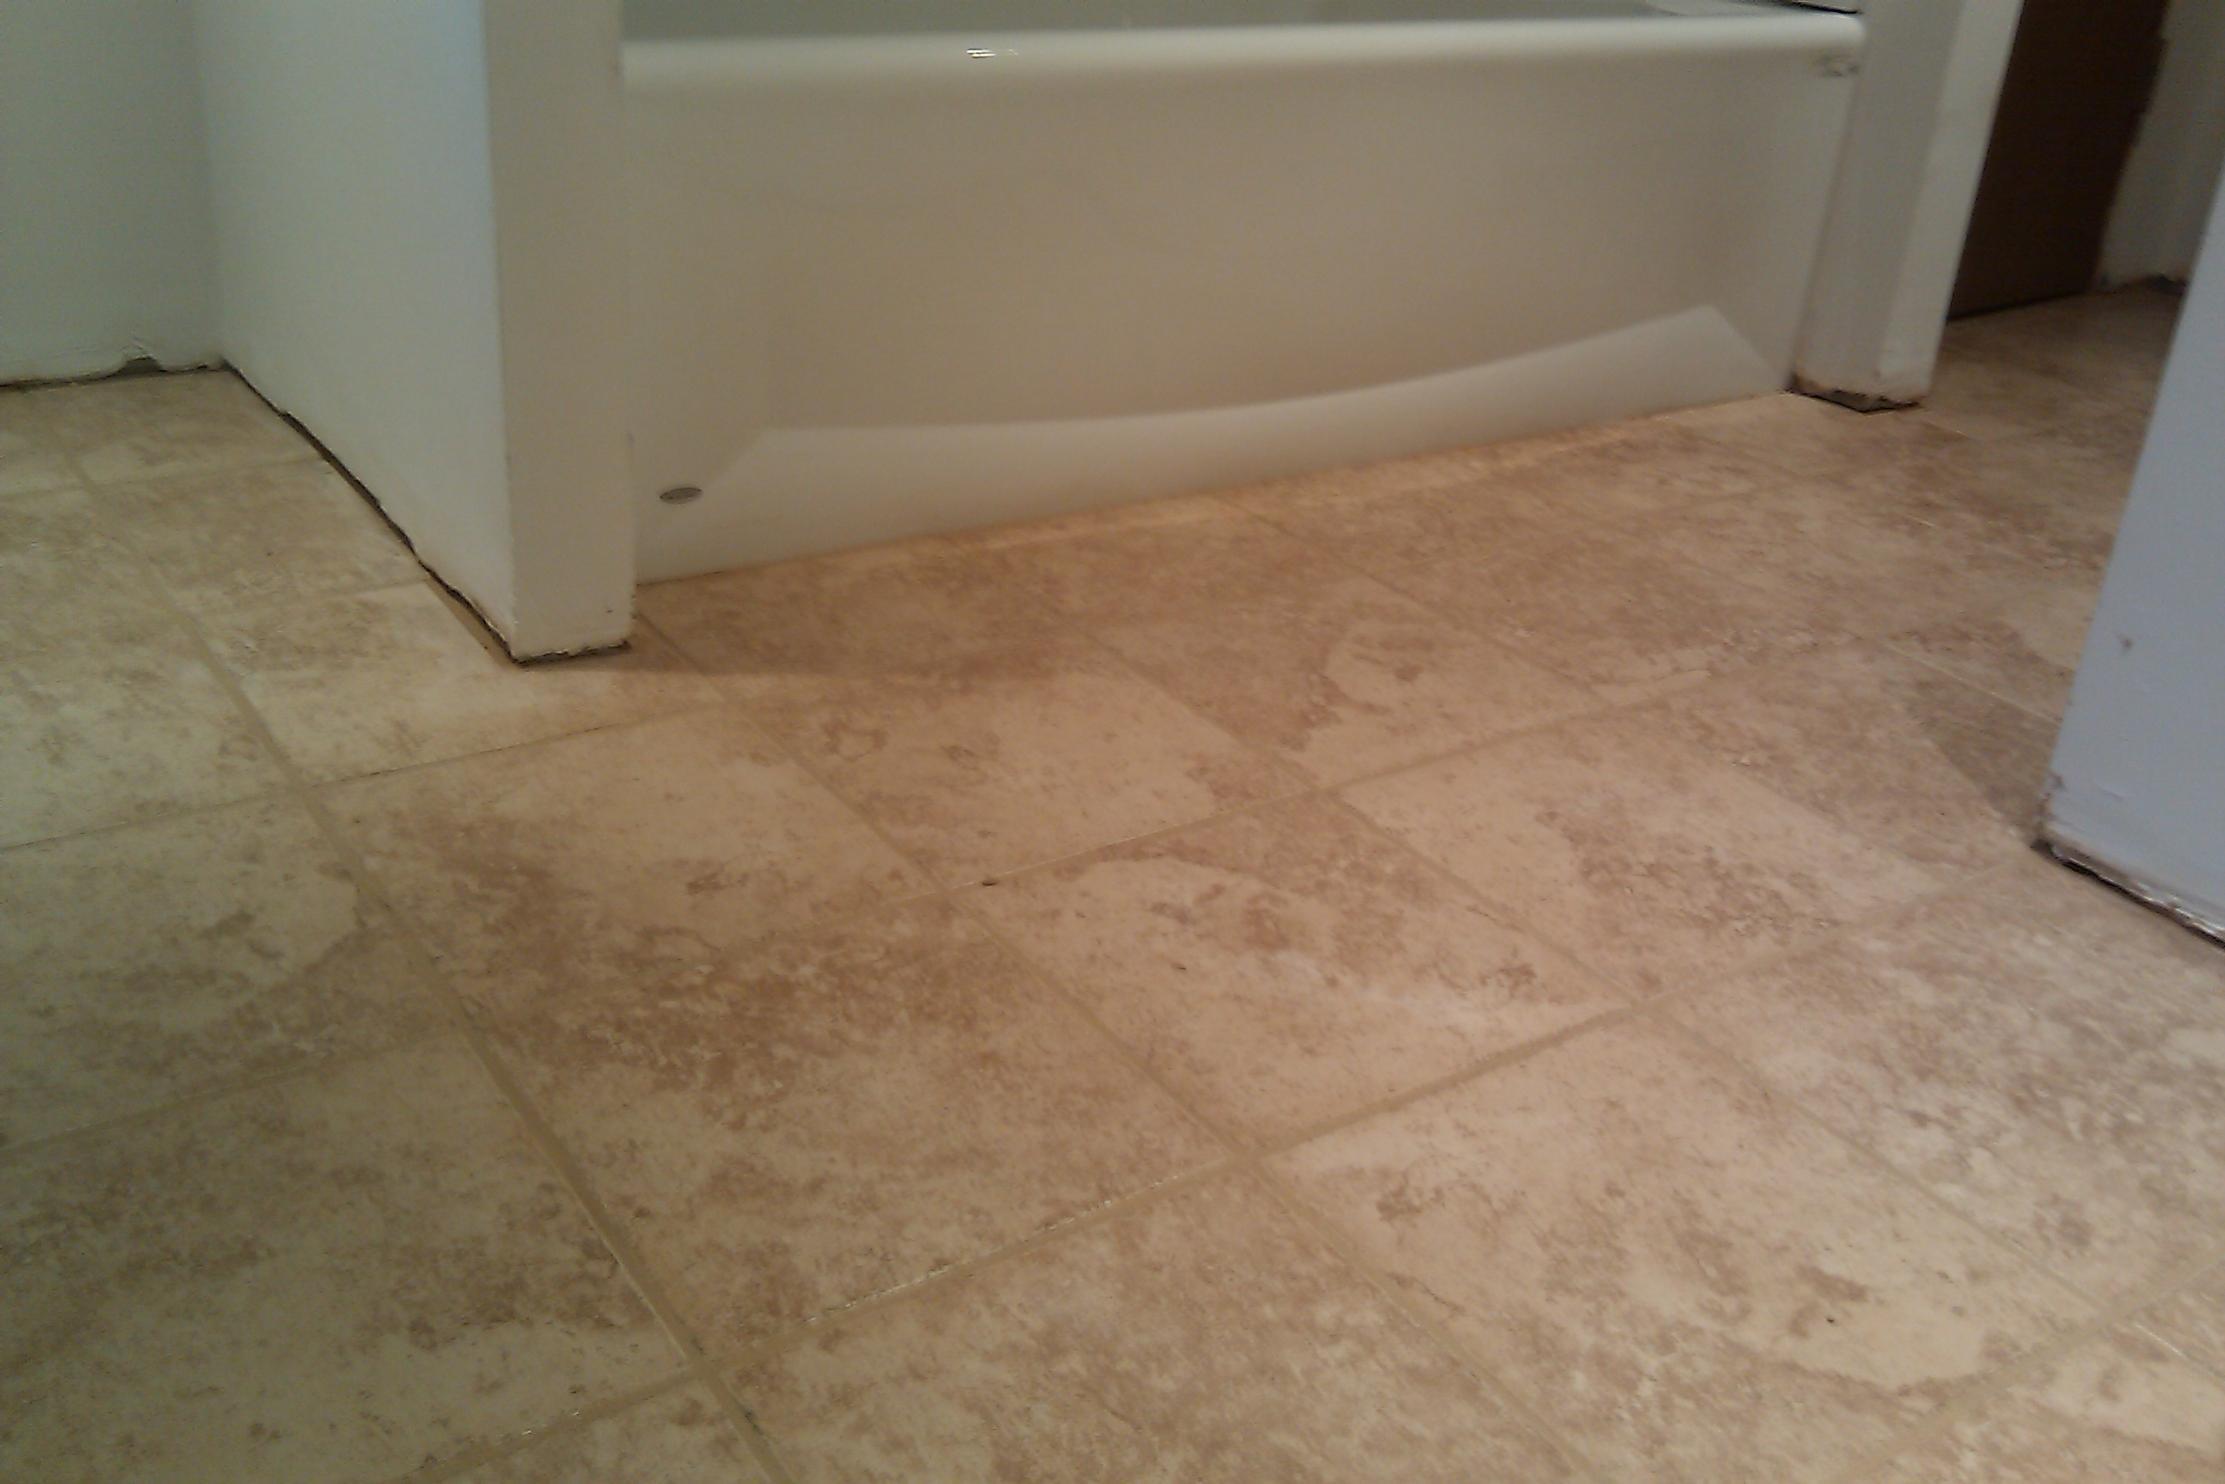 Bathroom Tile Jobs : Feedback on st bathroom tile job tiling contractor talk